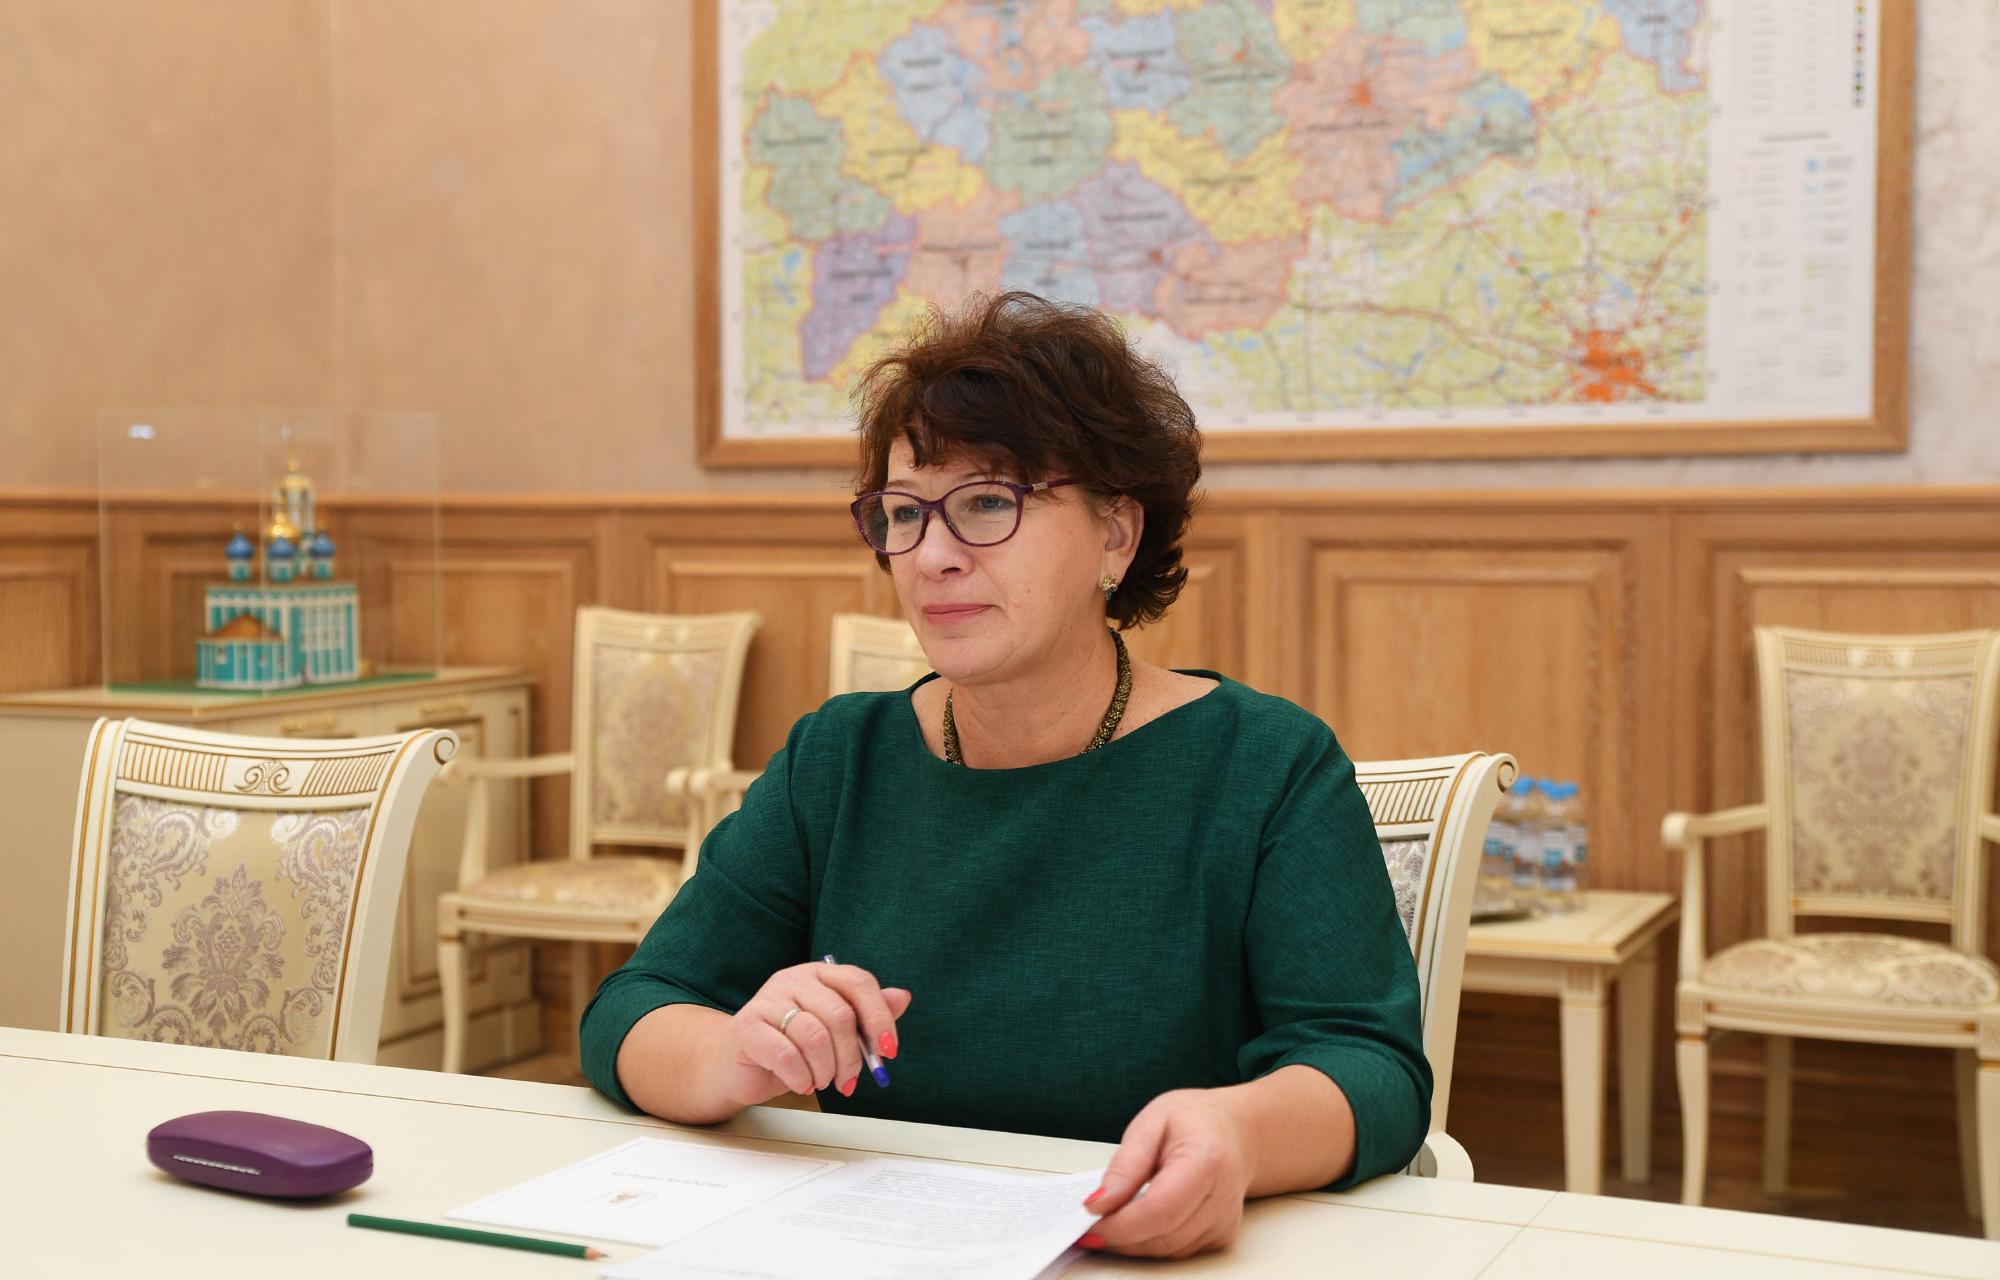 Наталья Рощина: Люди уже почувствовали эффект нацпроектов